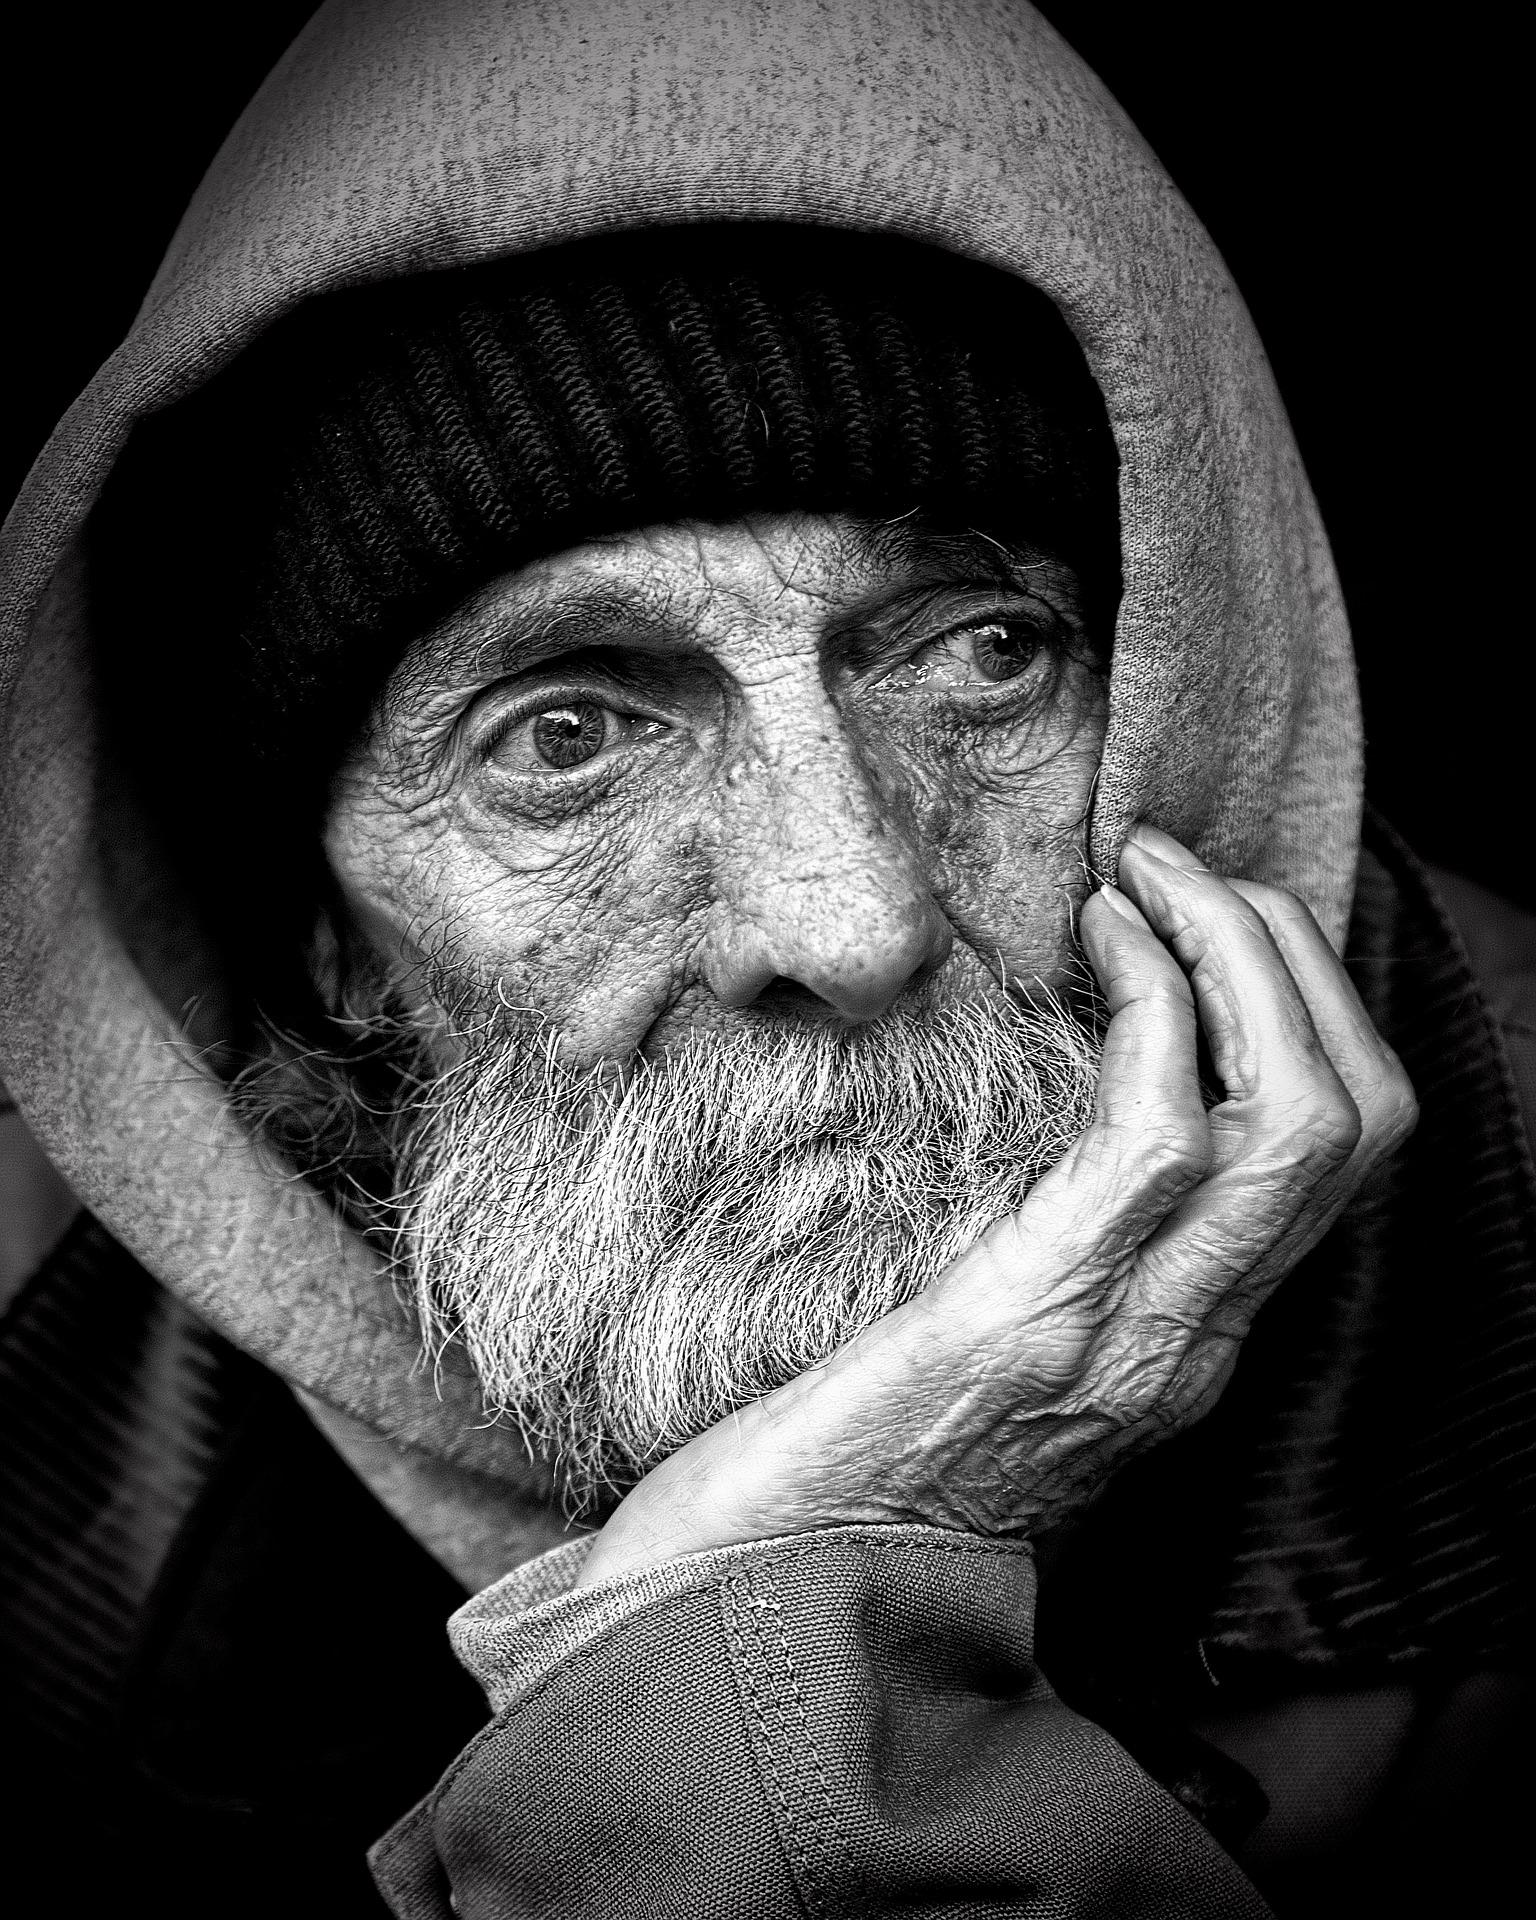 povertà- invidia sociale - disumanità